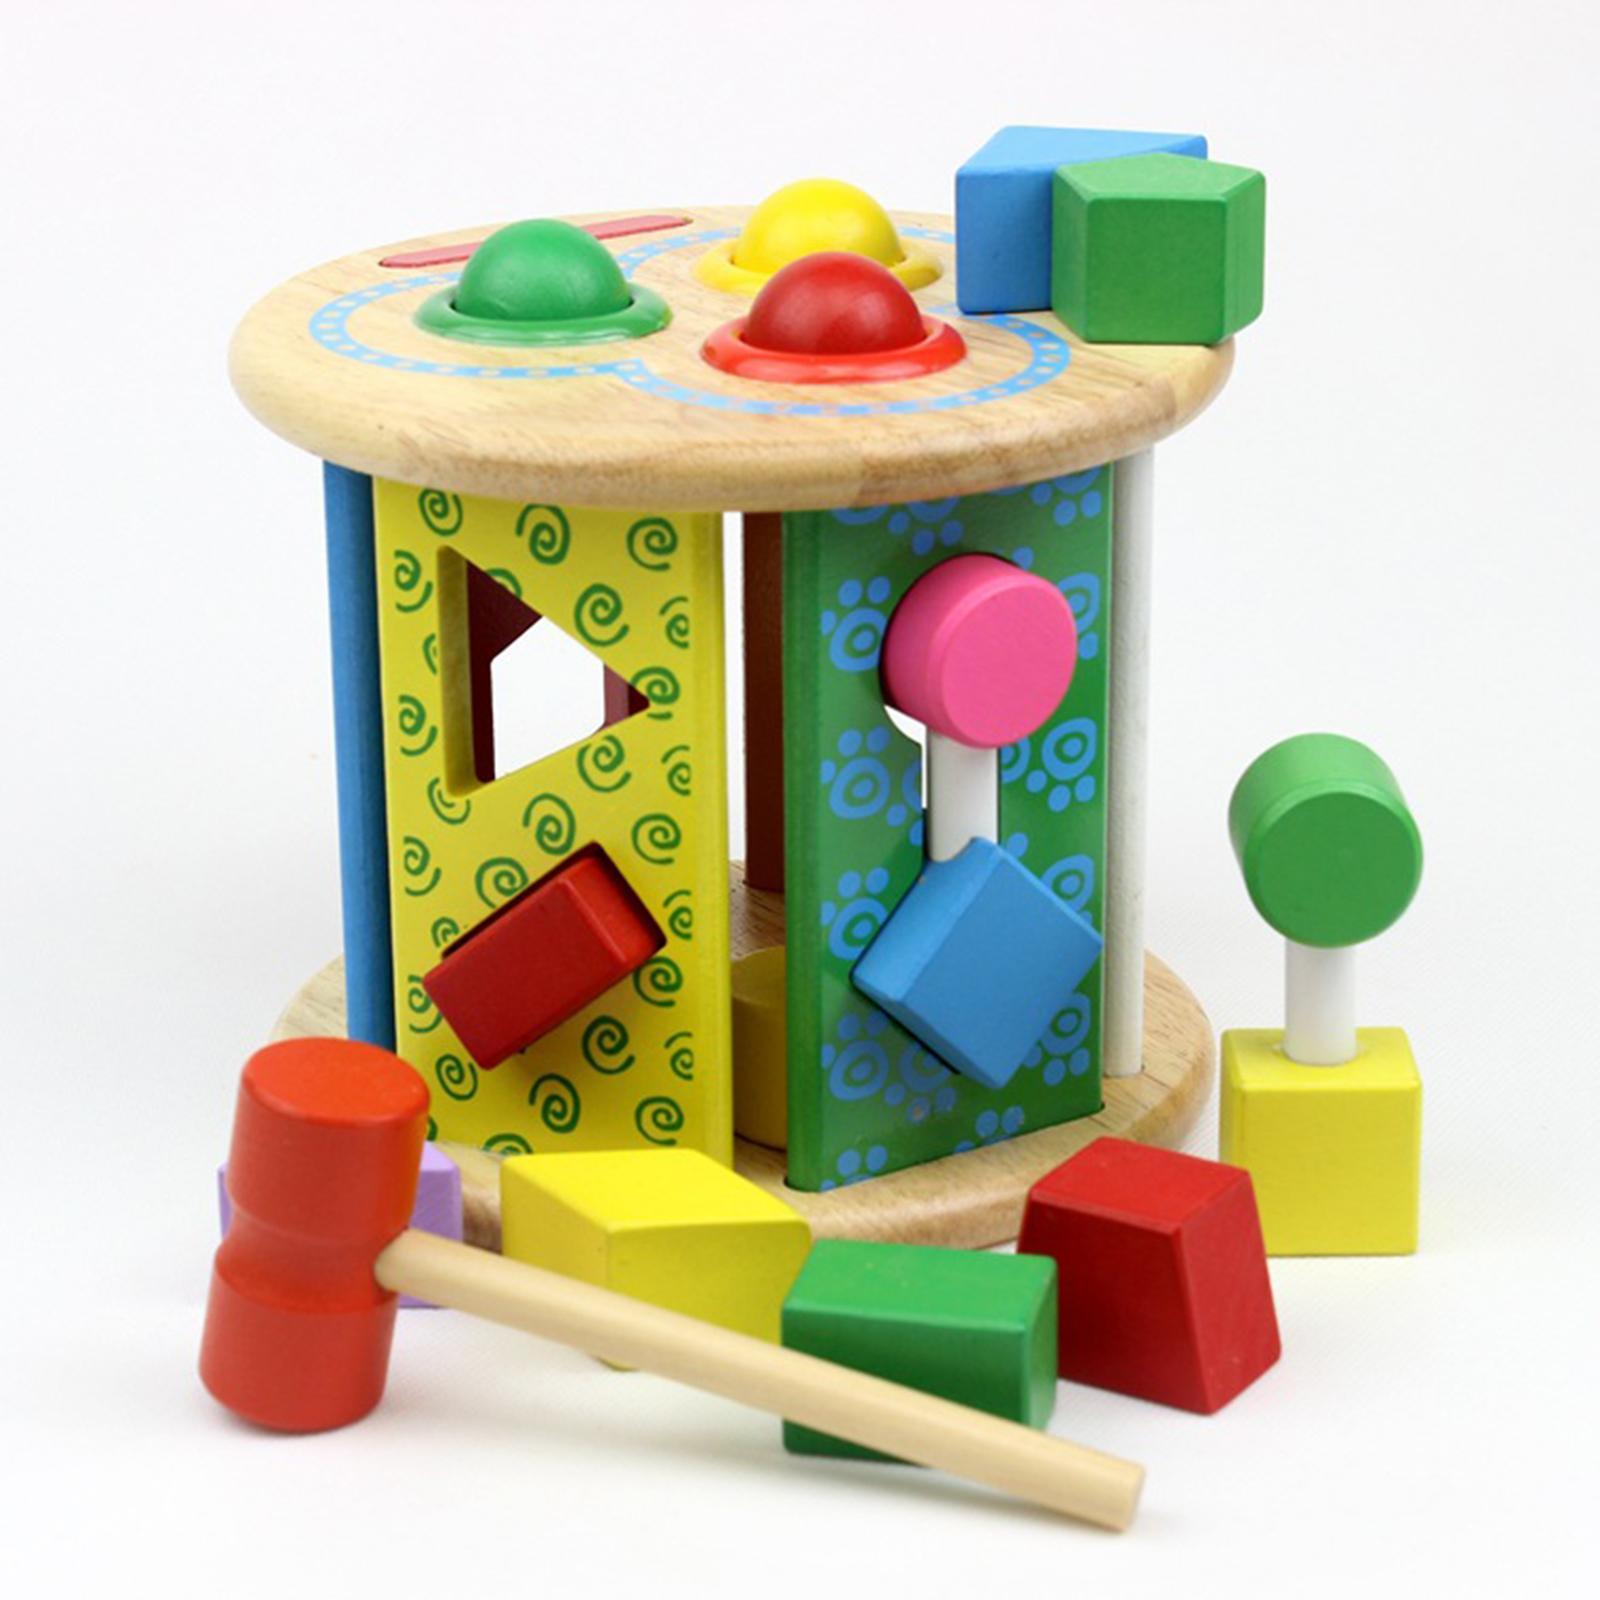 Kinder-Holzhammer-Spielzeug für 1-jährige Vorschule Frühes Lernspiel